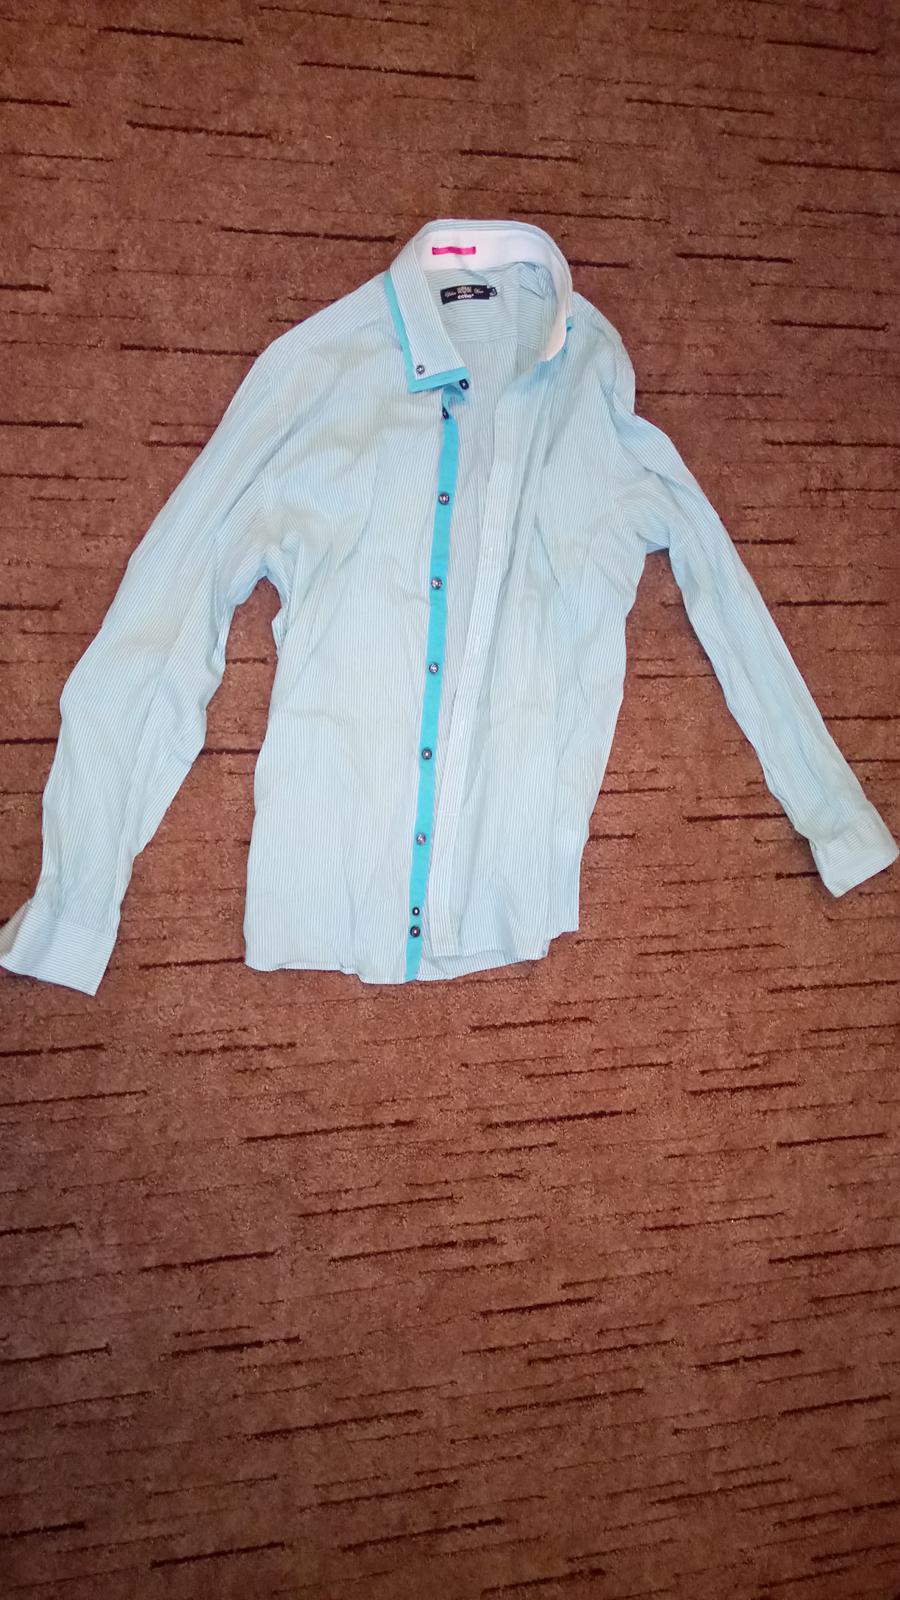 Košeľa - Celio - Obrázok č. 1